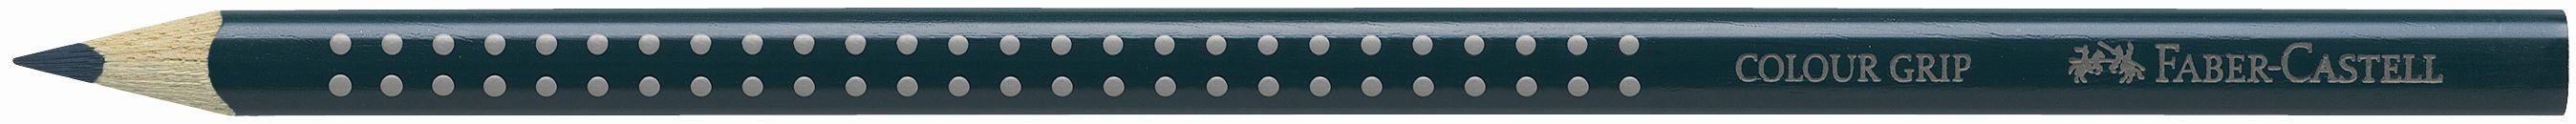 Pastelka Color Grip / 158 tmavě kobaltová zeleň Faber Castell - Akvarelové pastelky Faber Castell - Akvarelové pastelky